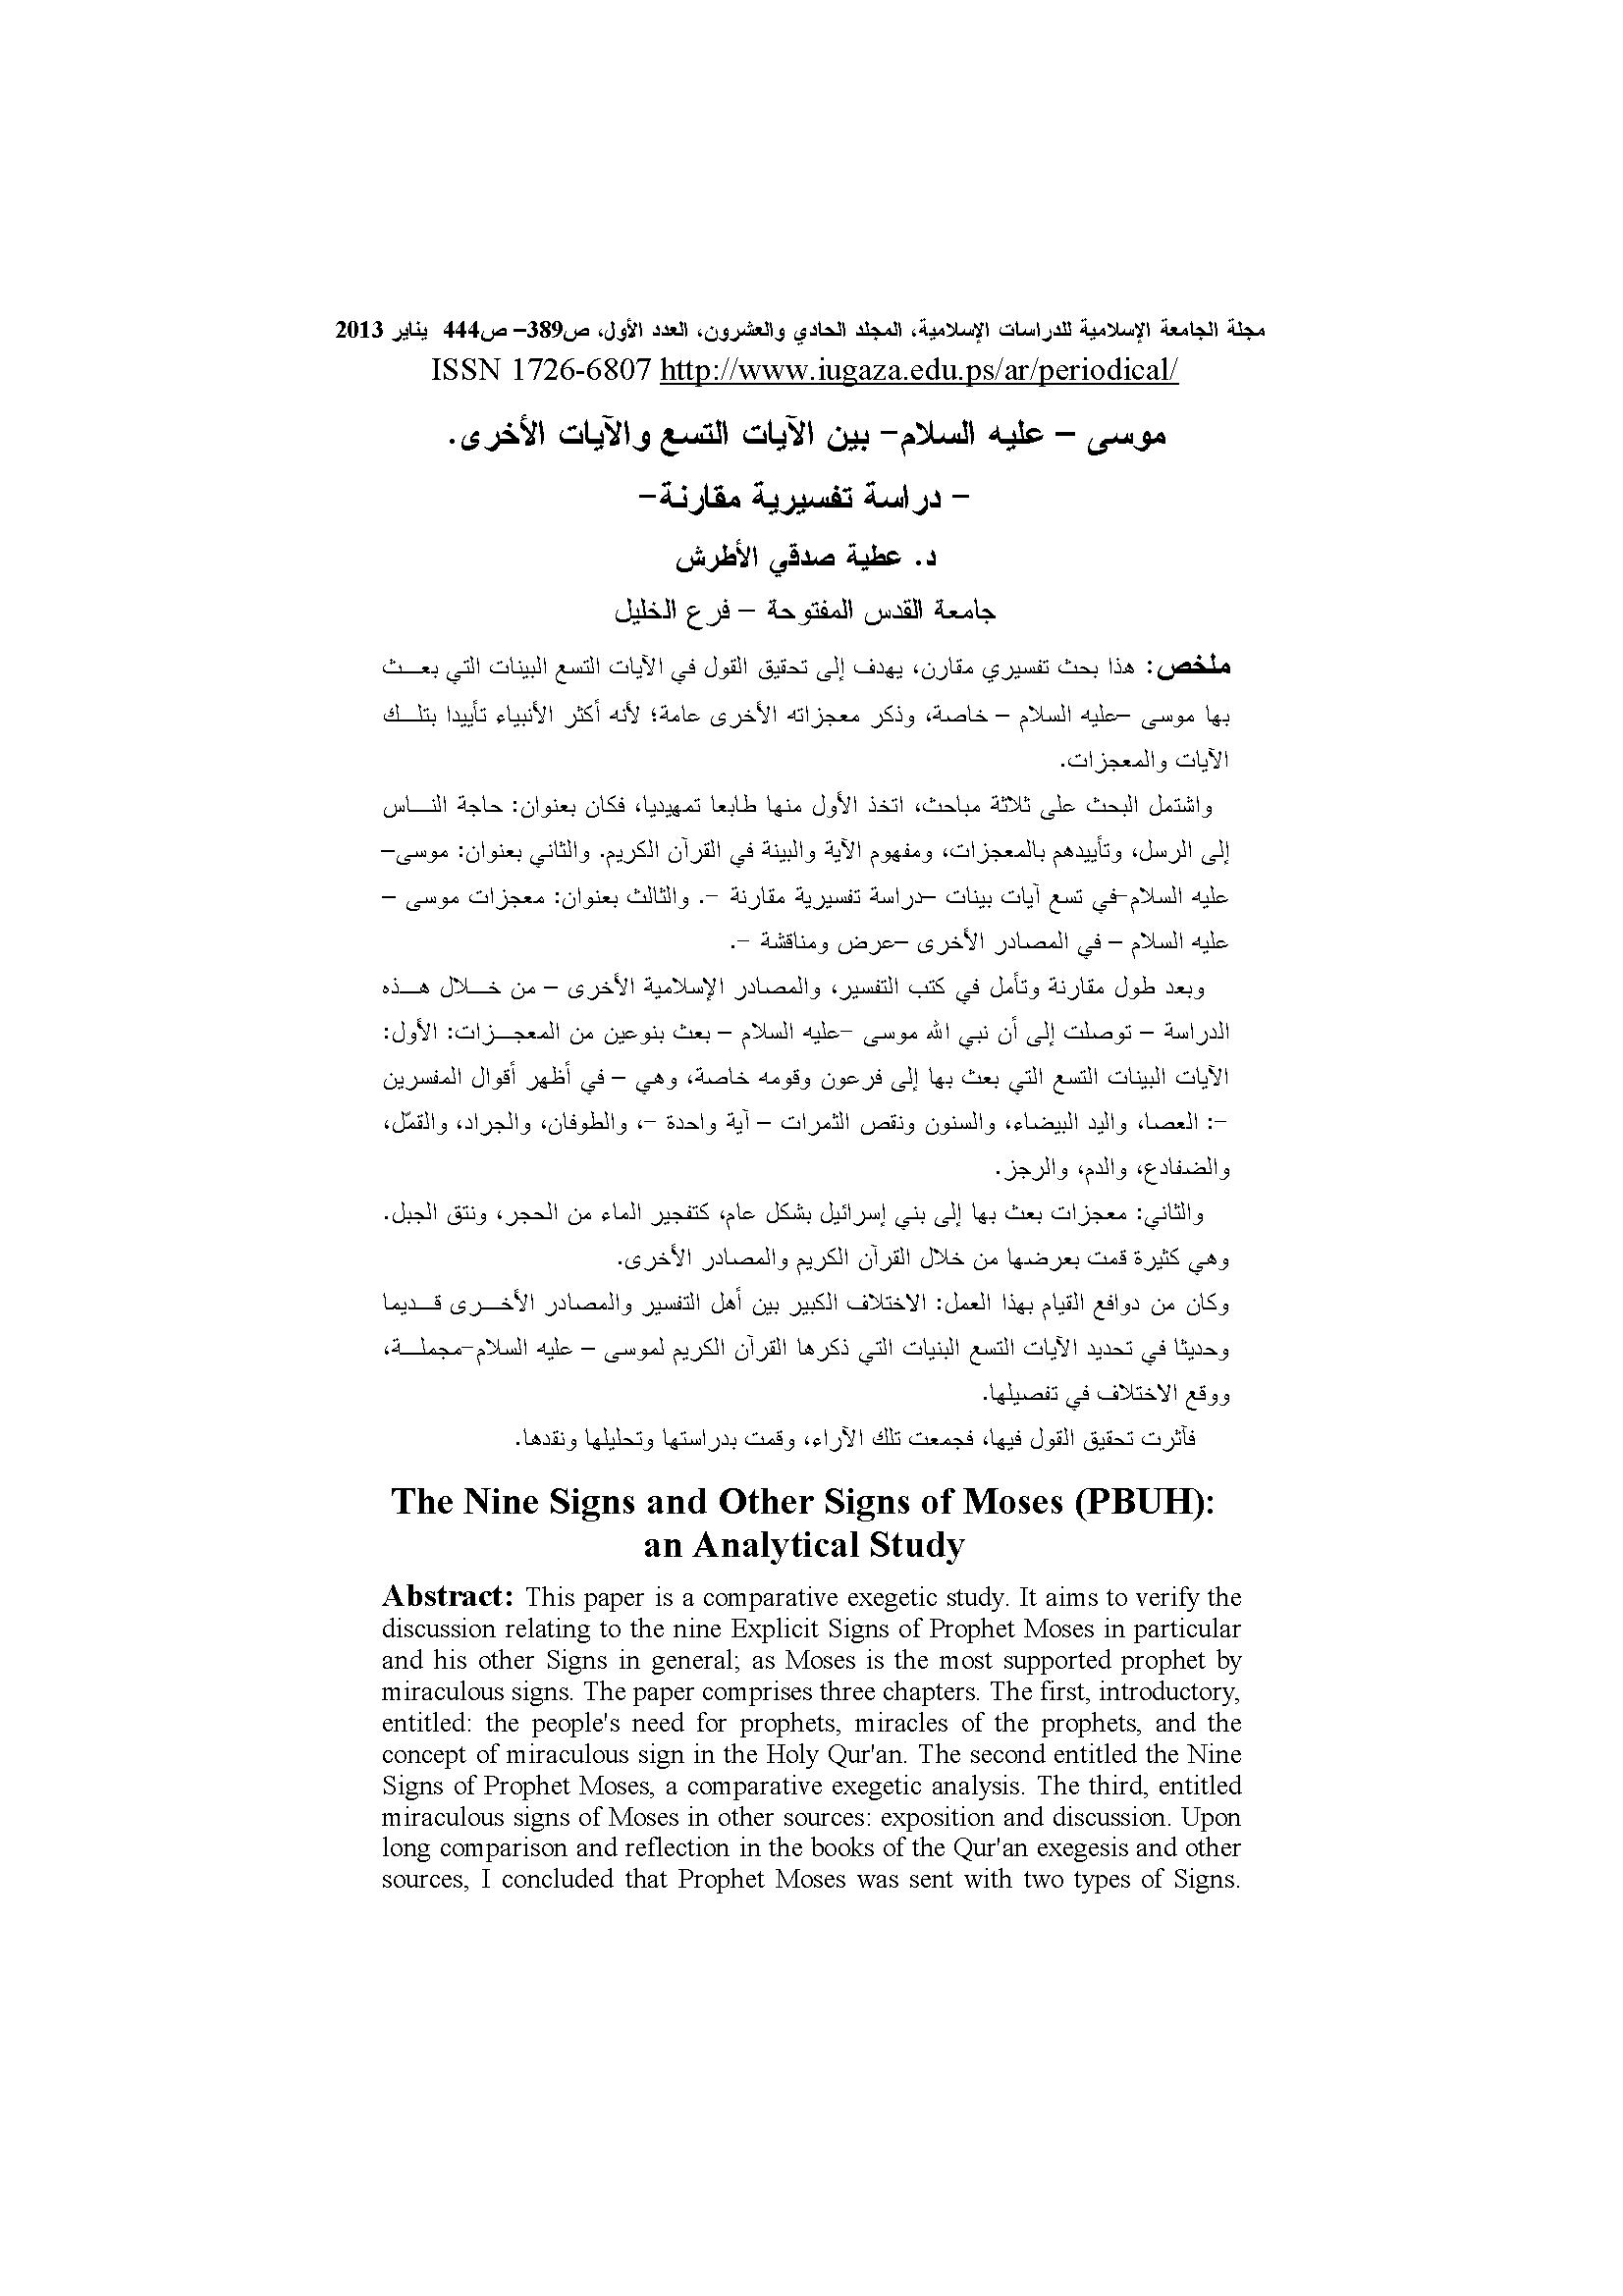 تحميل كتاب موسى عليه السلام بين الآيات التسع والآيات الأخرى (دراسة تفسيرية مقارنة) لـِ: الدكتور عطية صدقي عطية الأطرش